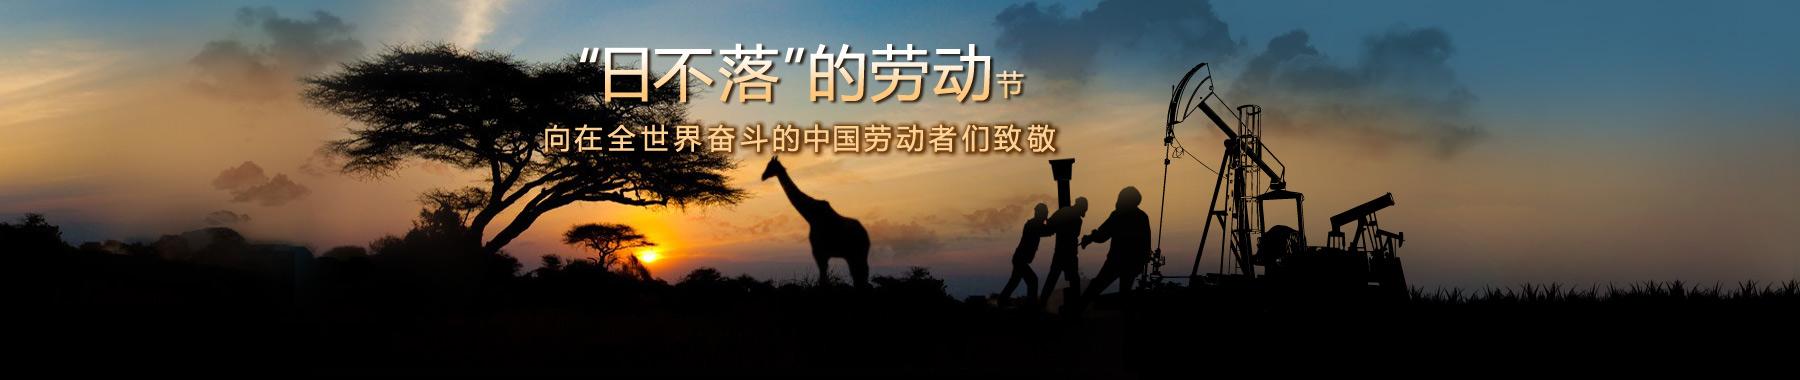 日不落的劳动——五一国际劳动节